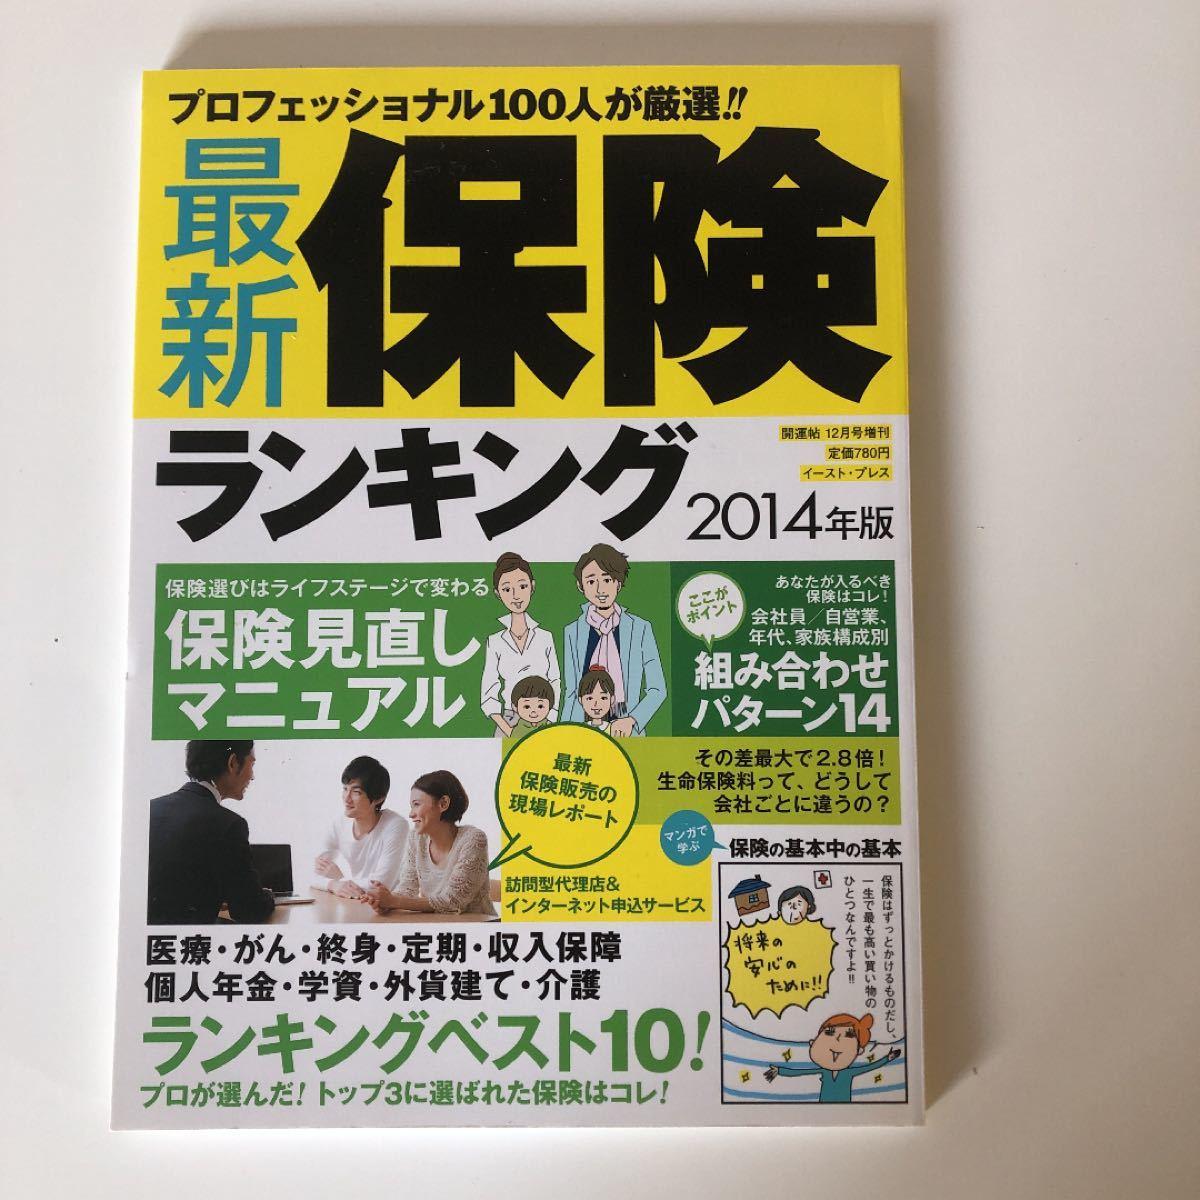 保険ランキング プロフェッショナル100人が厳選!Book